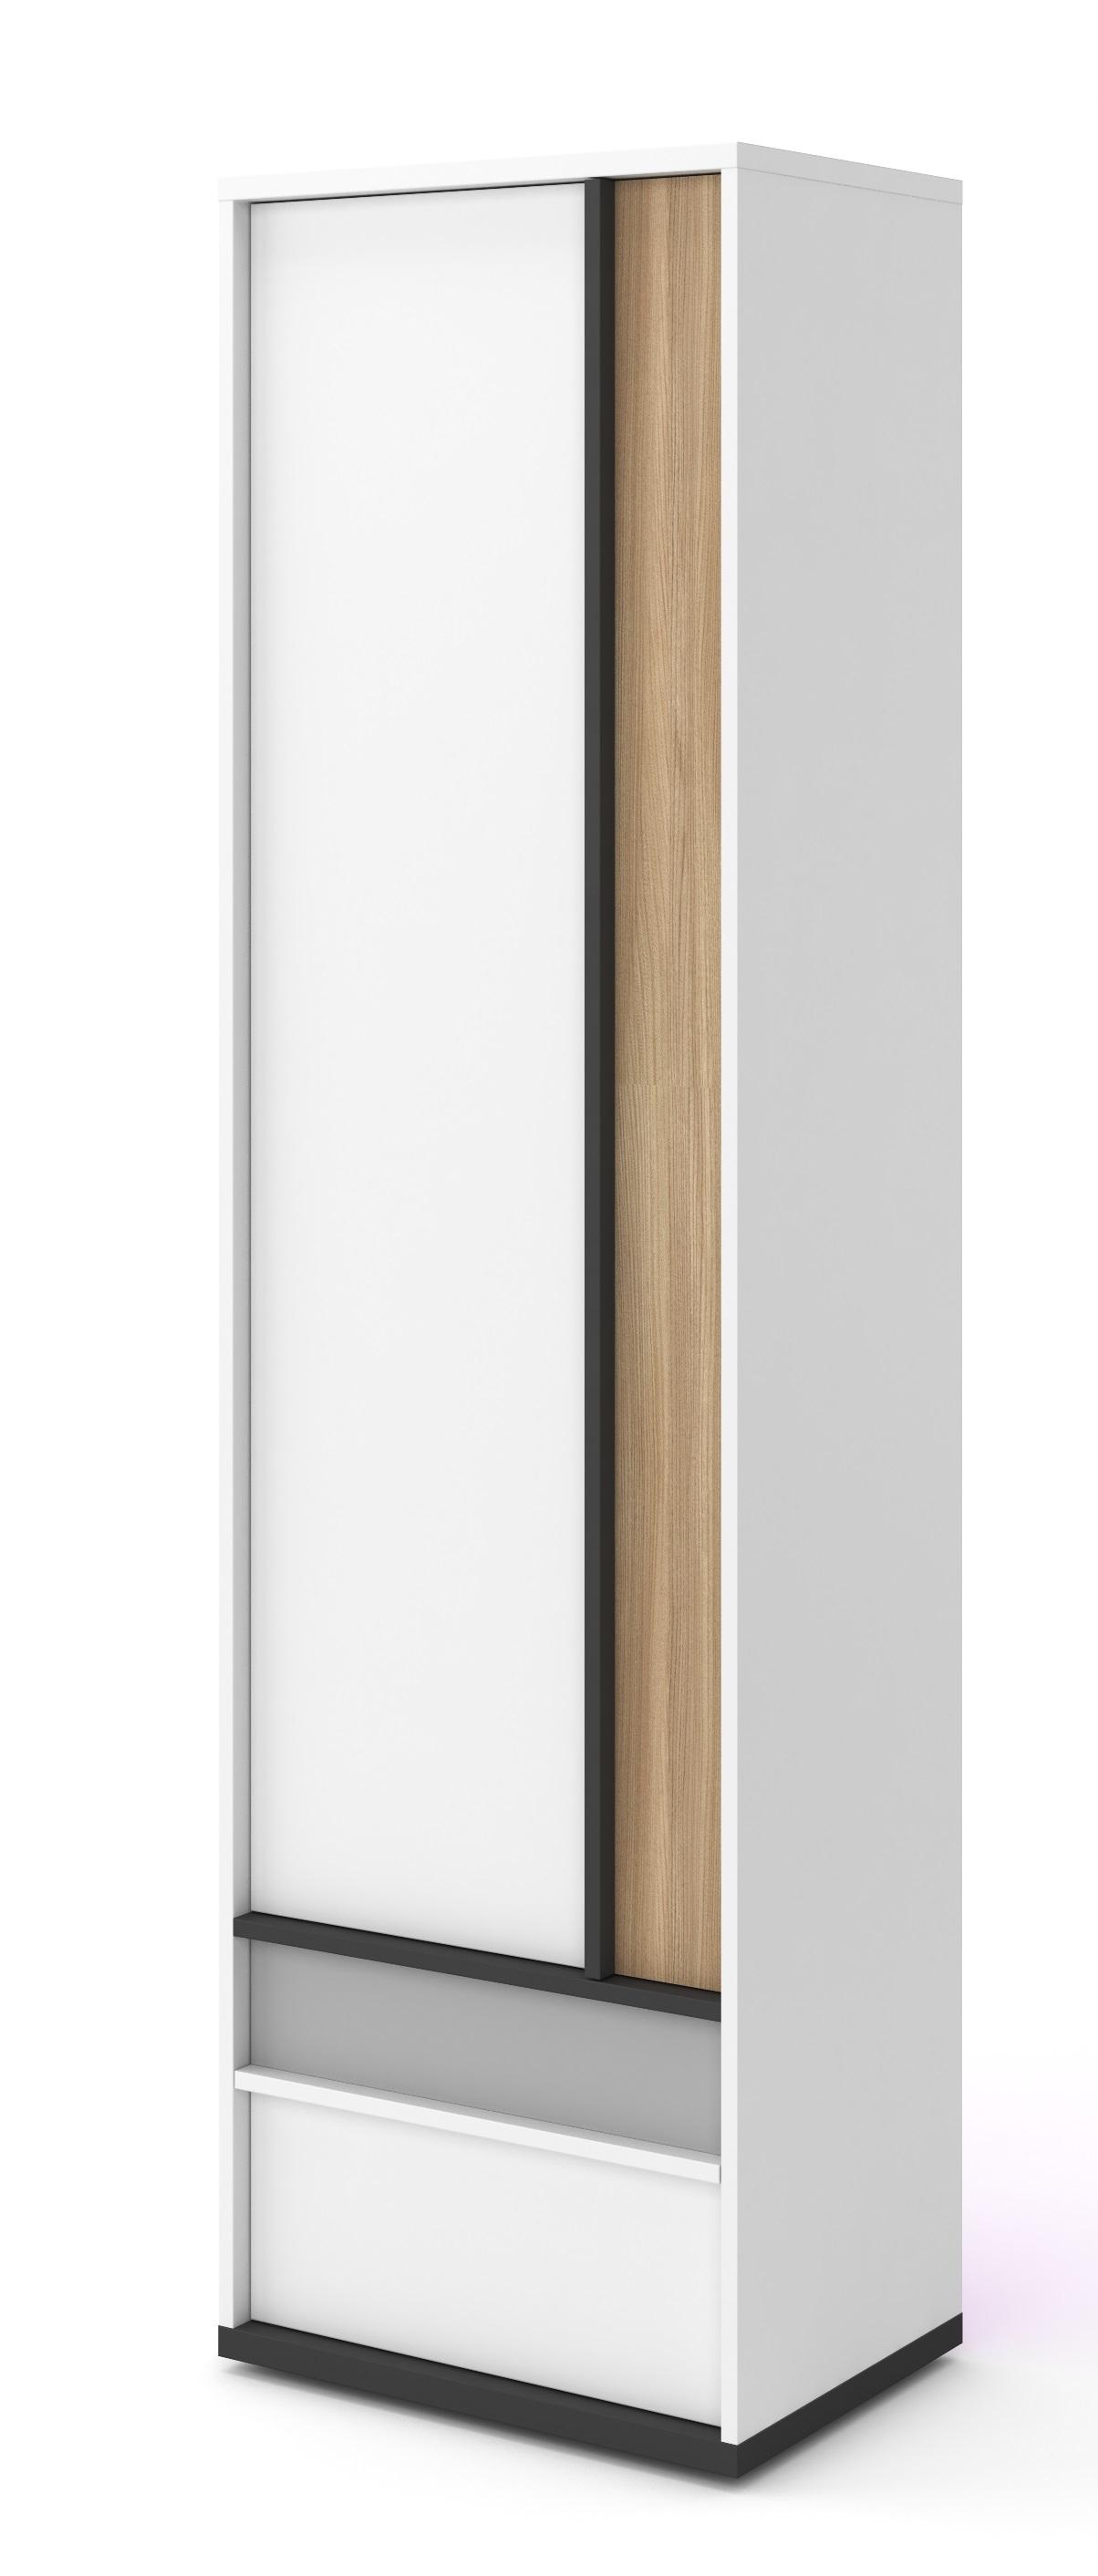 Dig-net nábytok Skriňa Imola IM-03